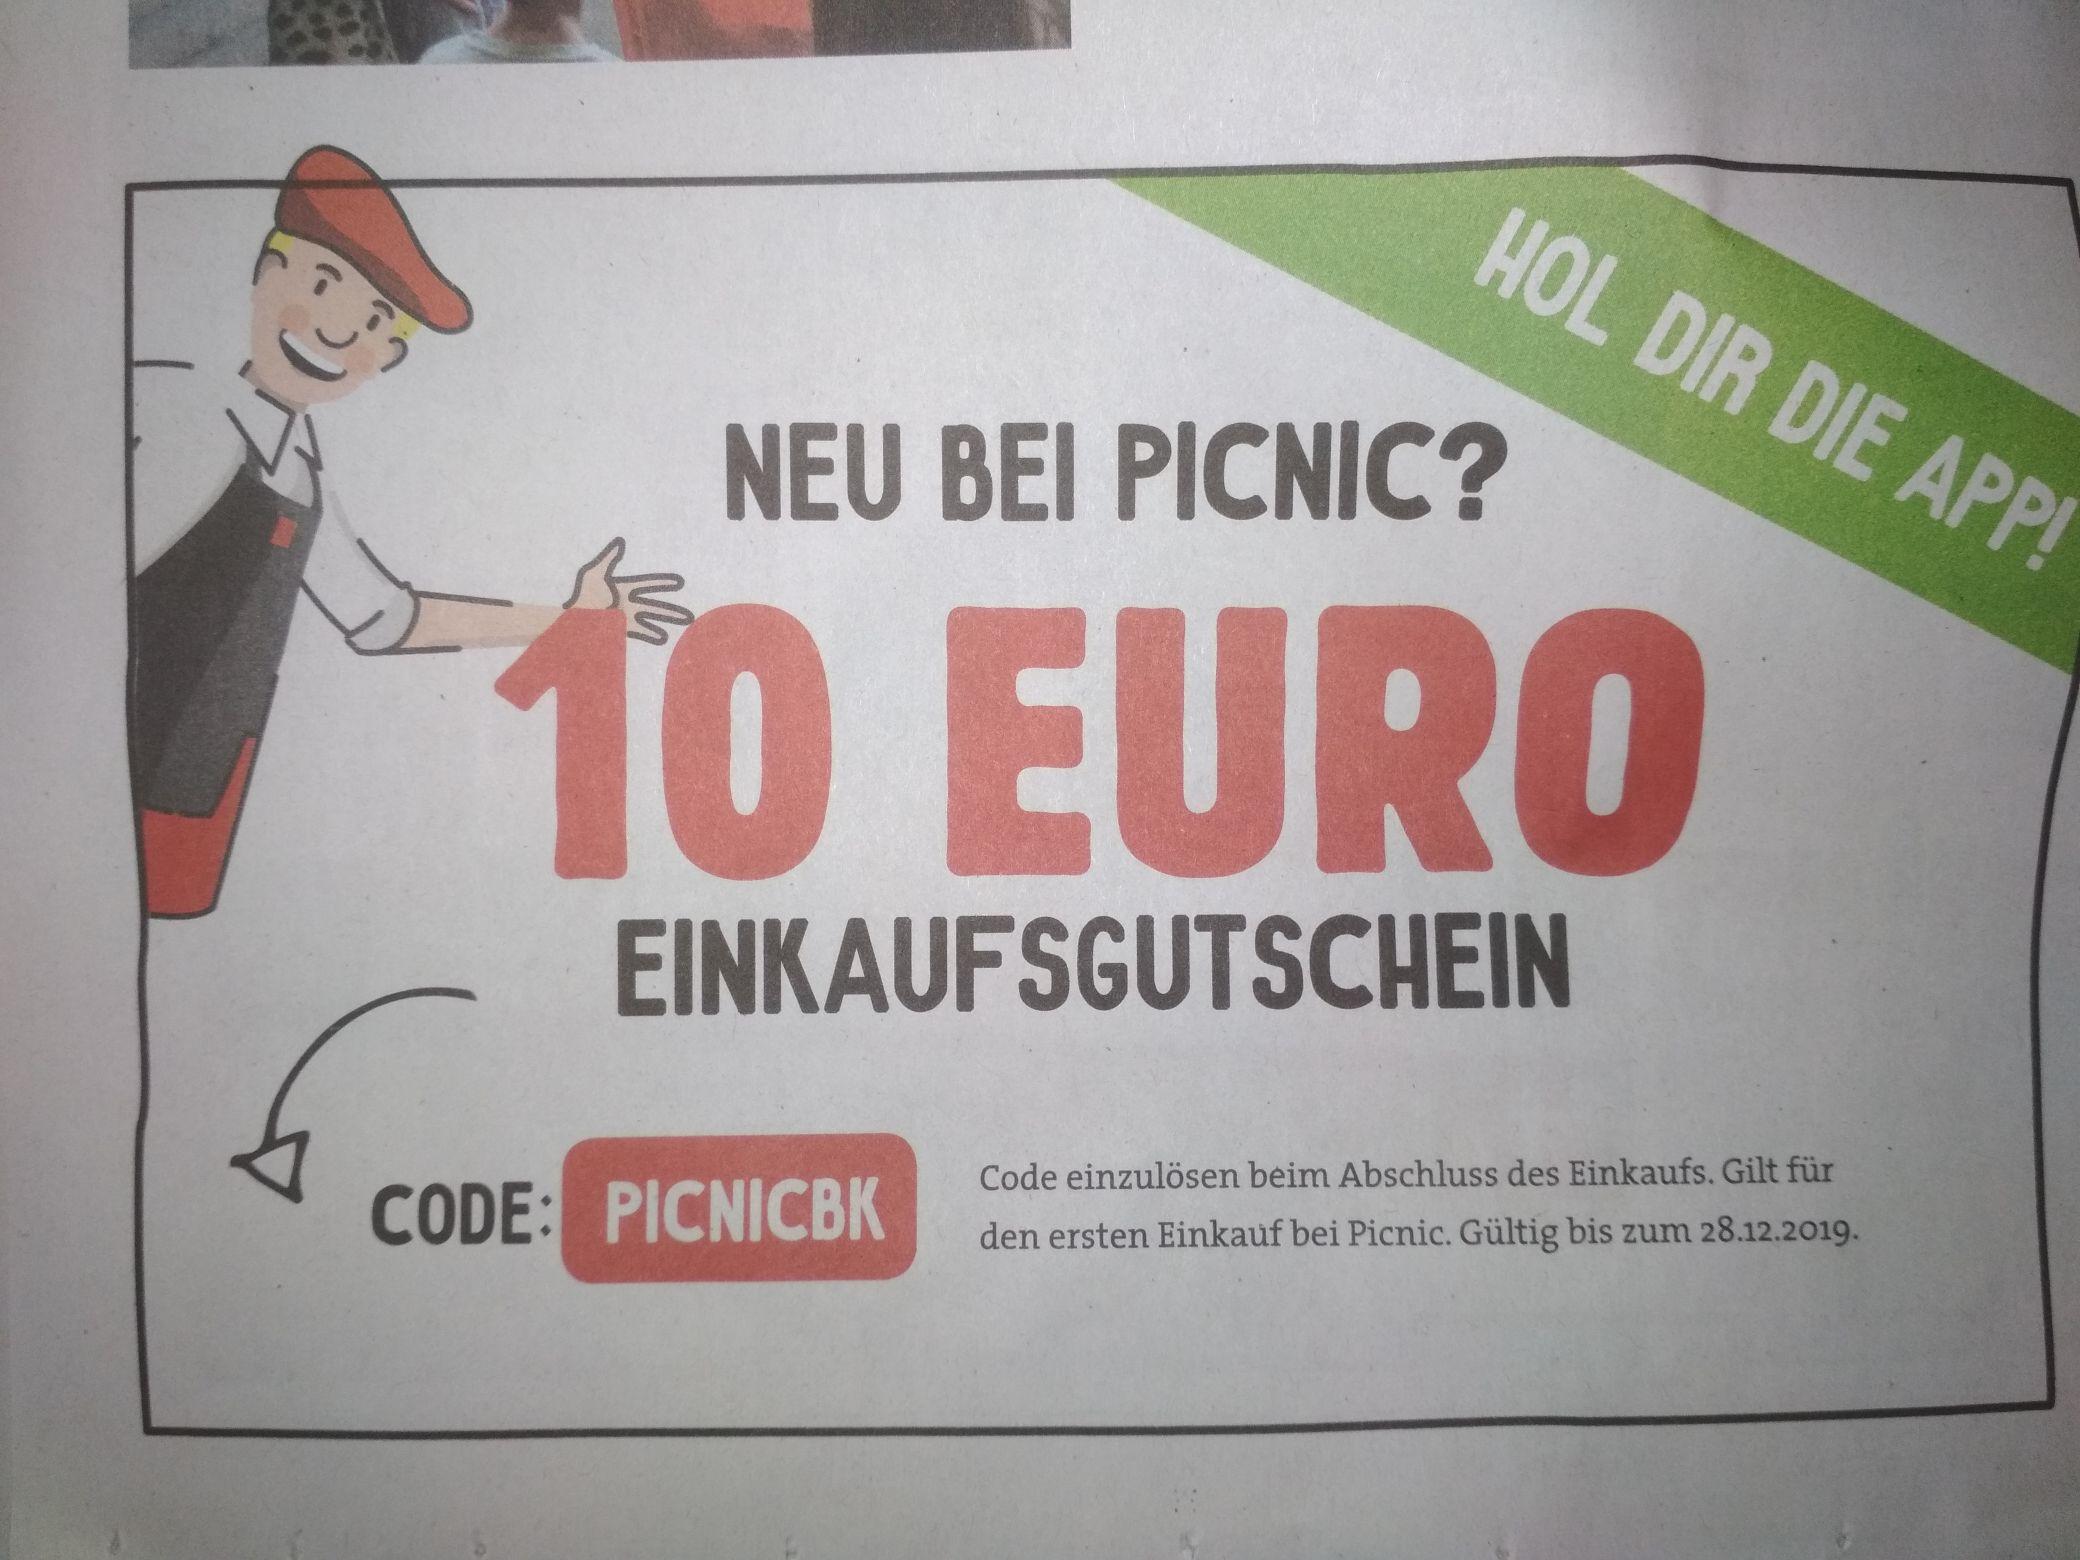 Picnic: 10€ Gutschein für den Einkauf (ausgewählte Gebiete)